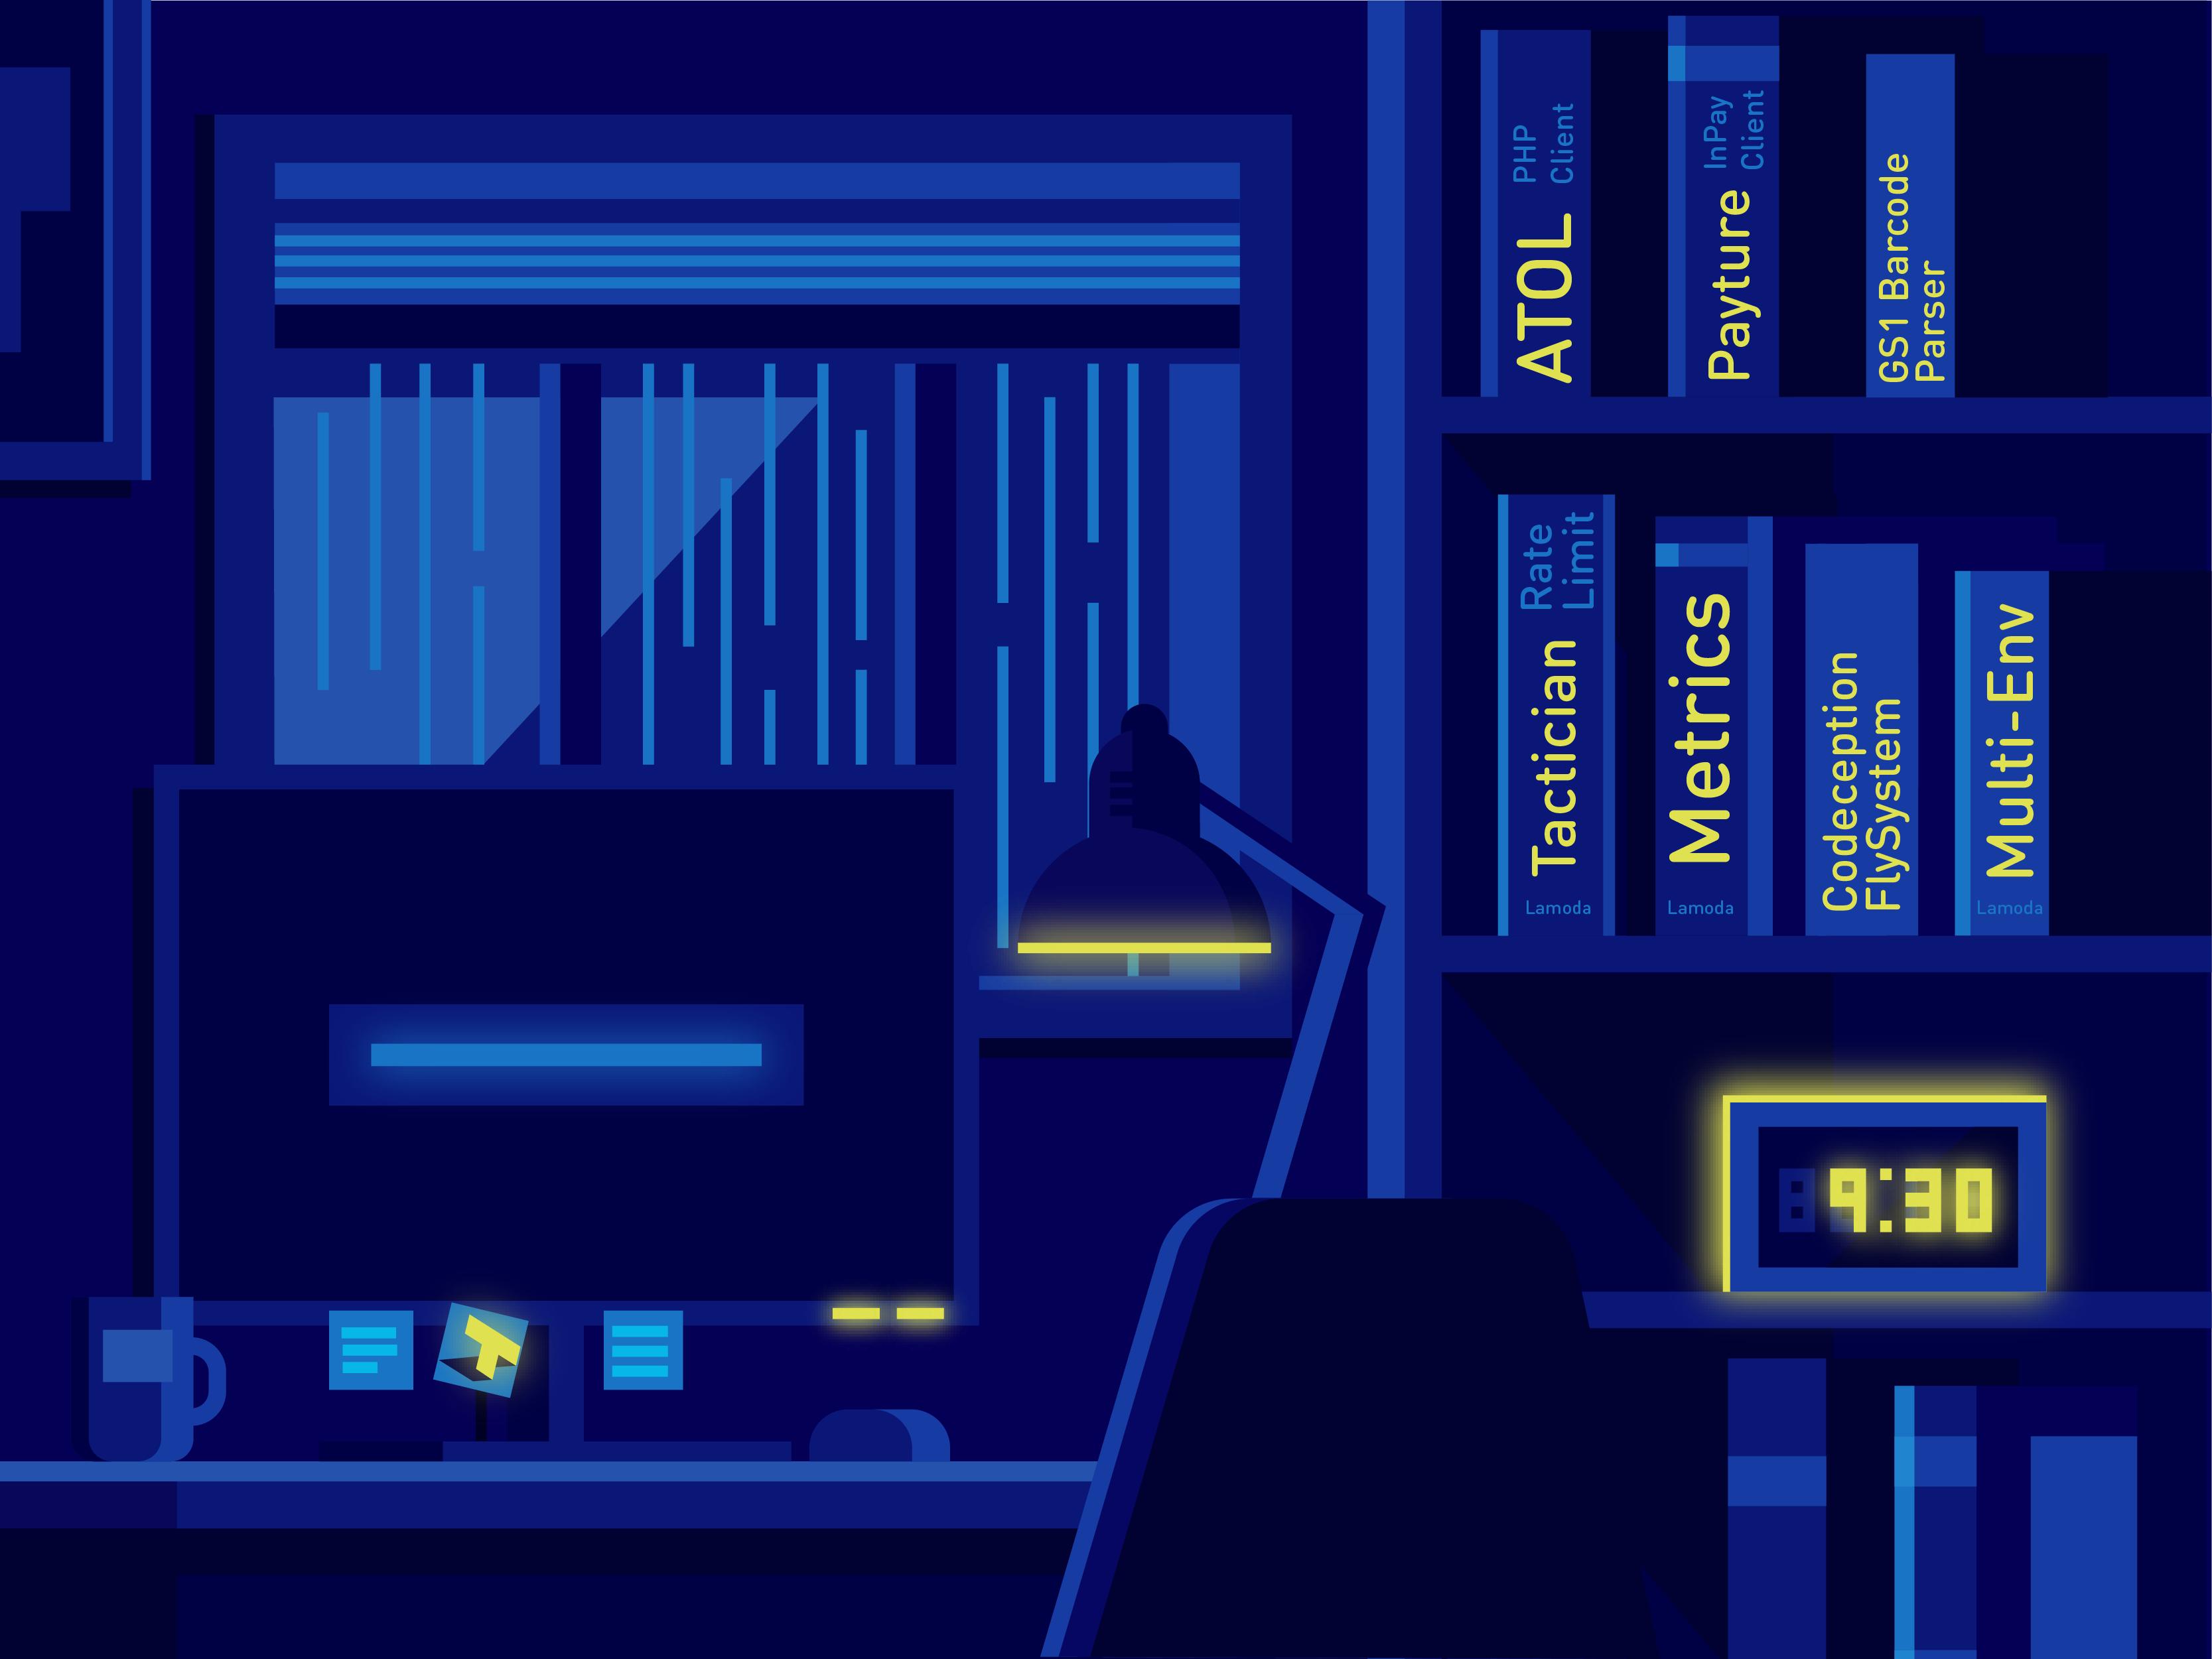 PHP-библиотеки для e-commerce: работа с АТОЛ и Payture, парсинг кодов GS1 и другие задачи